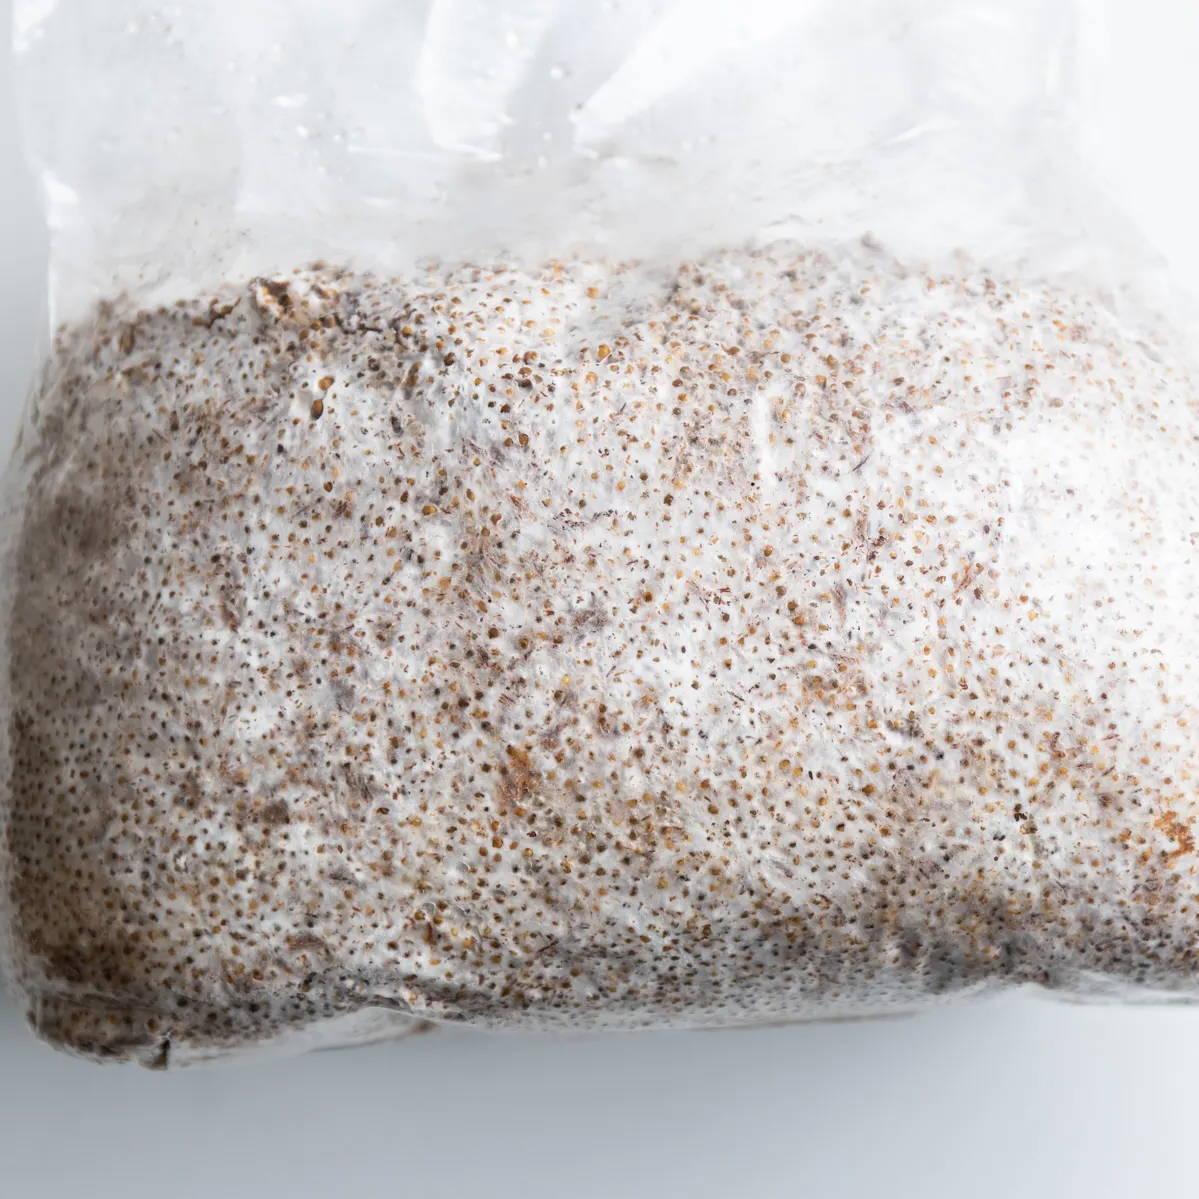 grain spawn